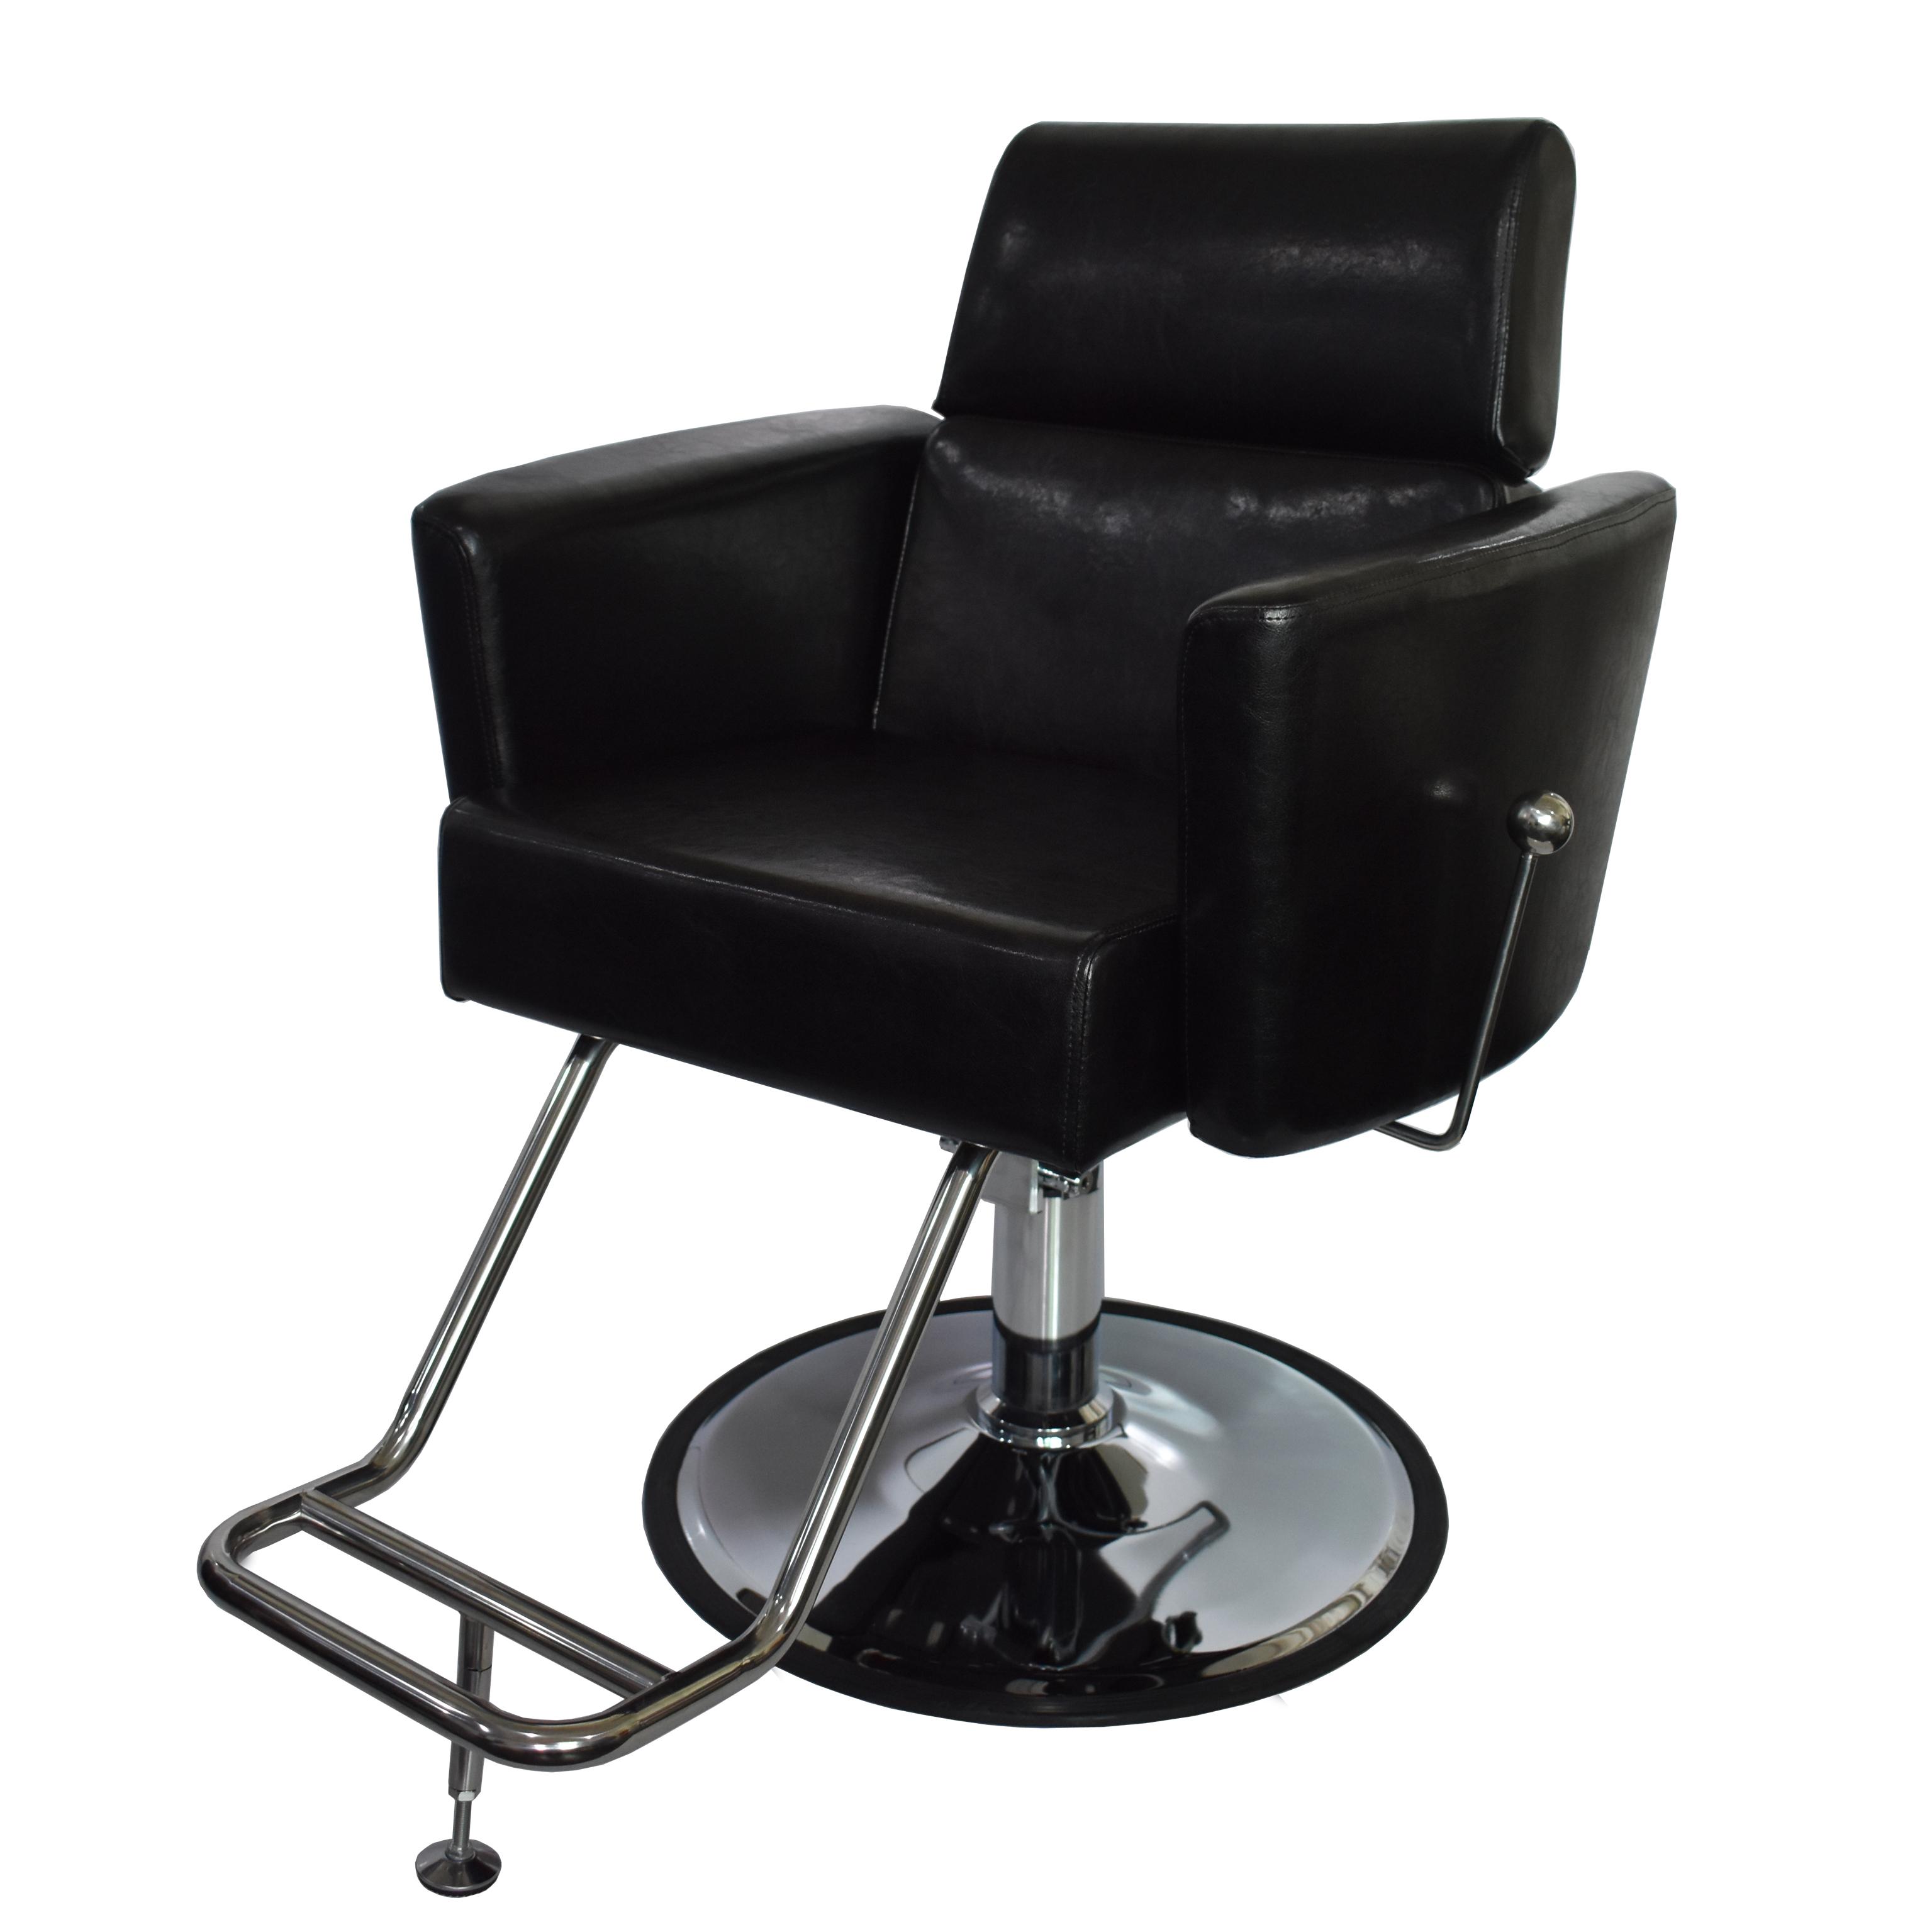 All Purpose Salon Chairs Archives - Salon Furniture Toronto Canada USF